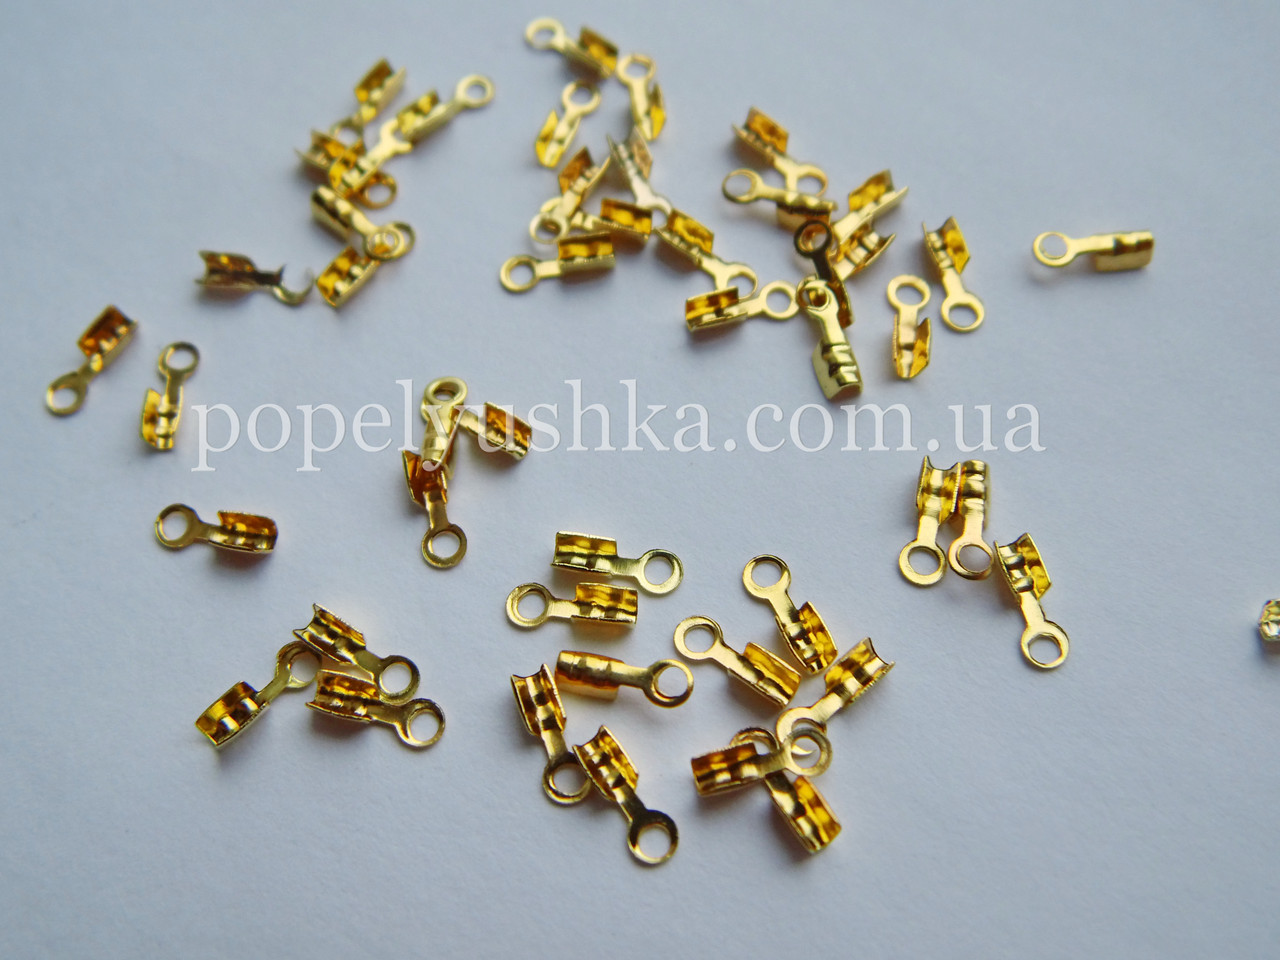 Зажими для основ золото 6 мм 5 шт/уп